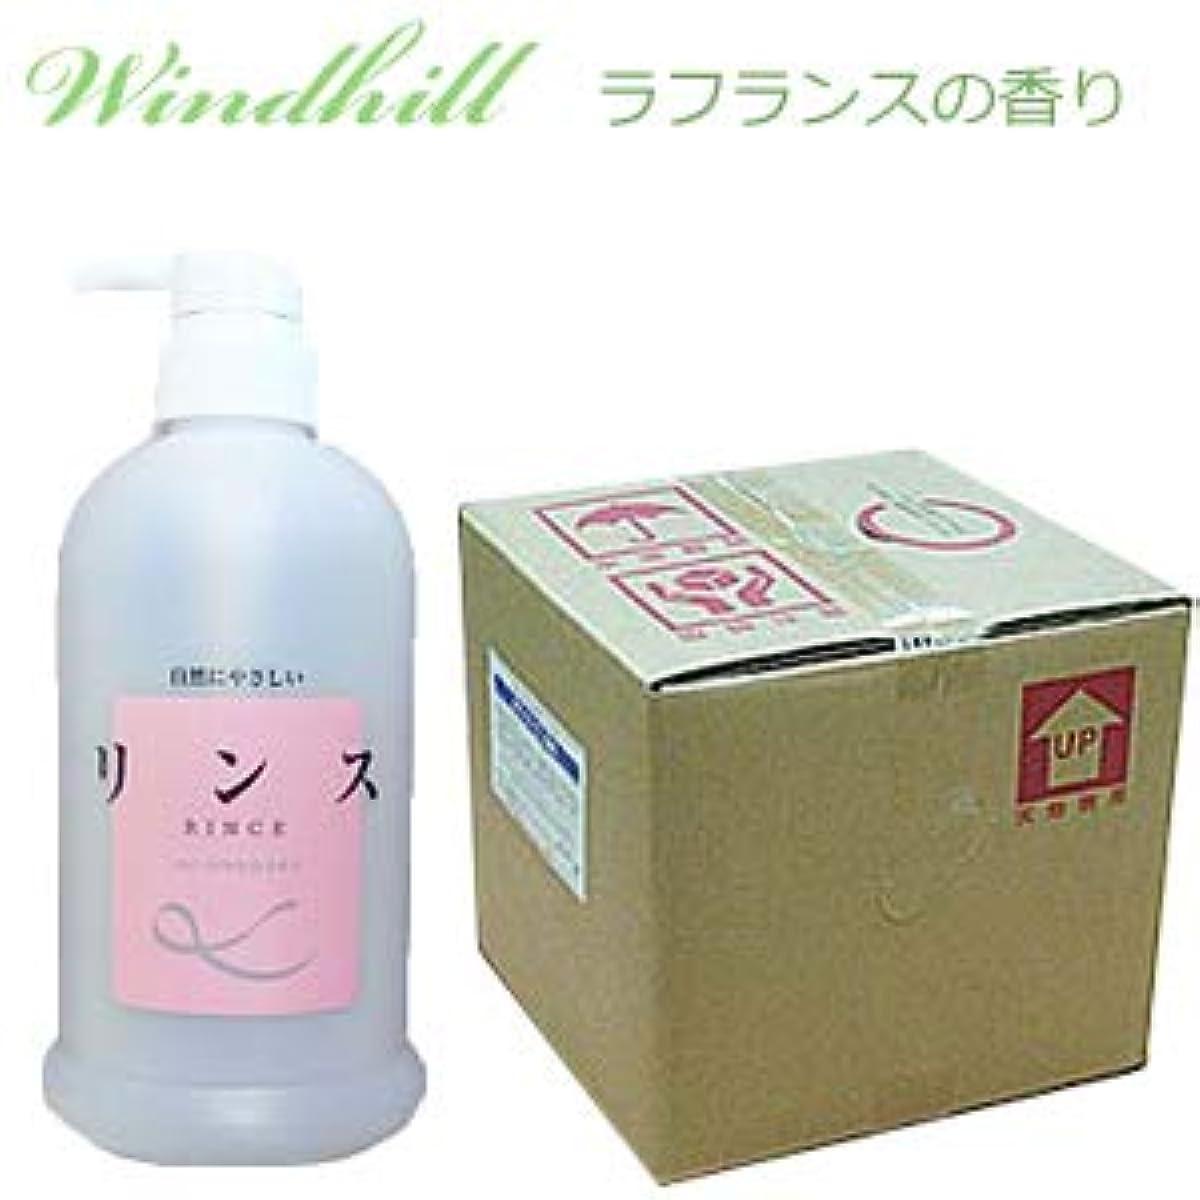 ブレース土コートなんと! 500ml当り173円 Windhill 植物性 業務用 リンス  爽やかなラフランスの香り 20L